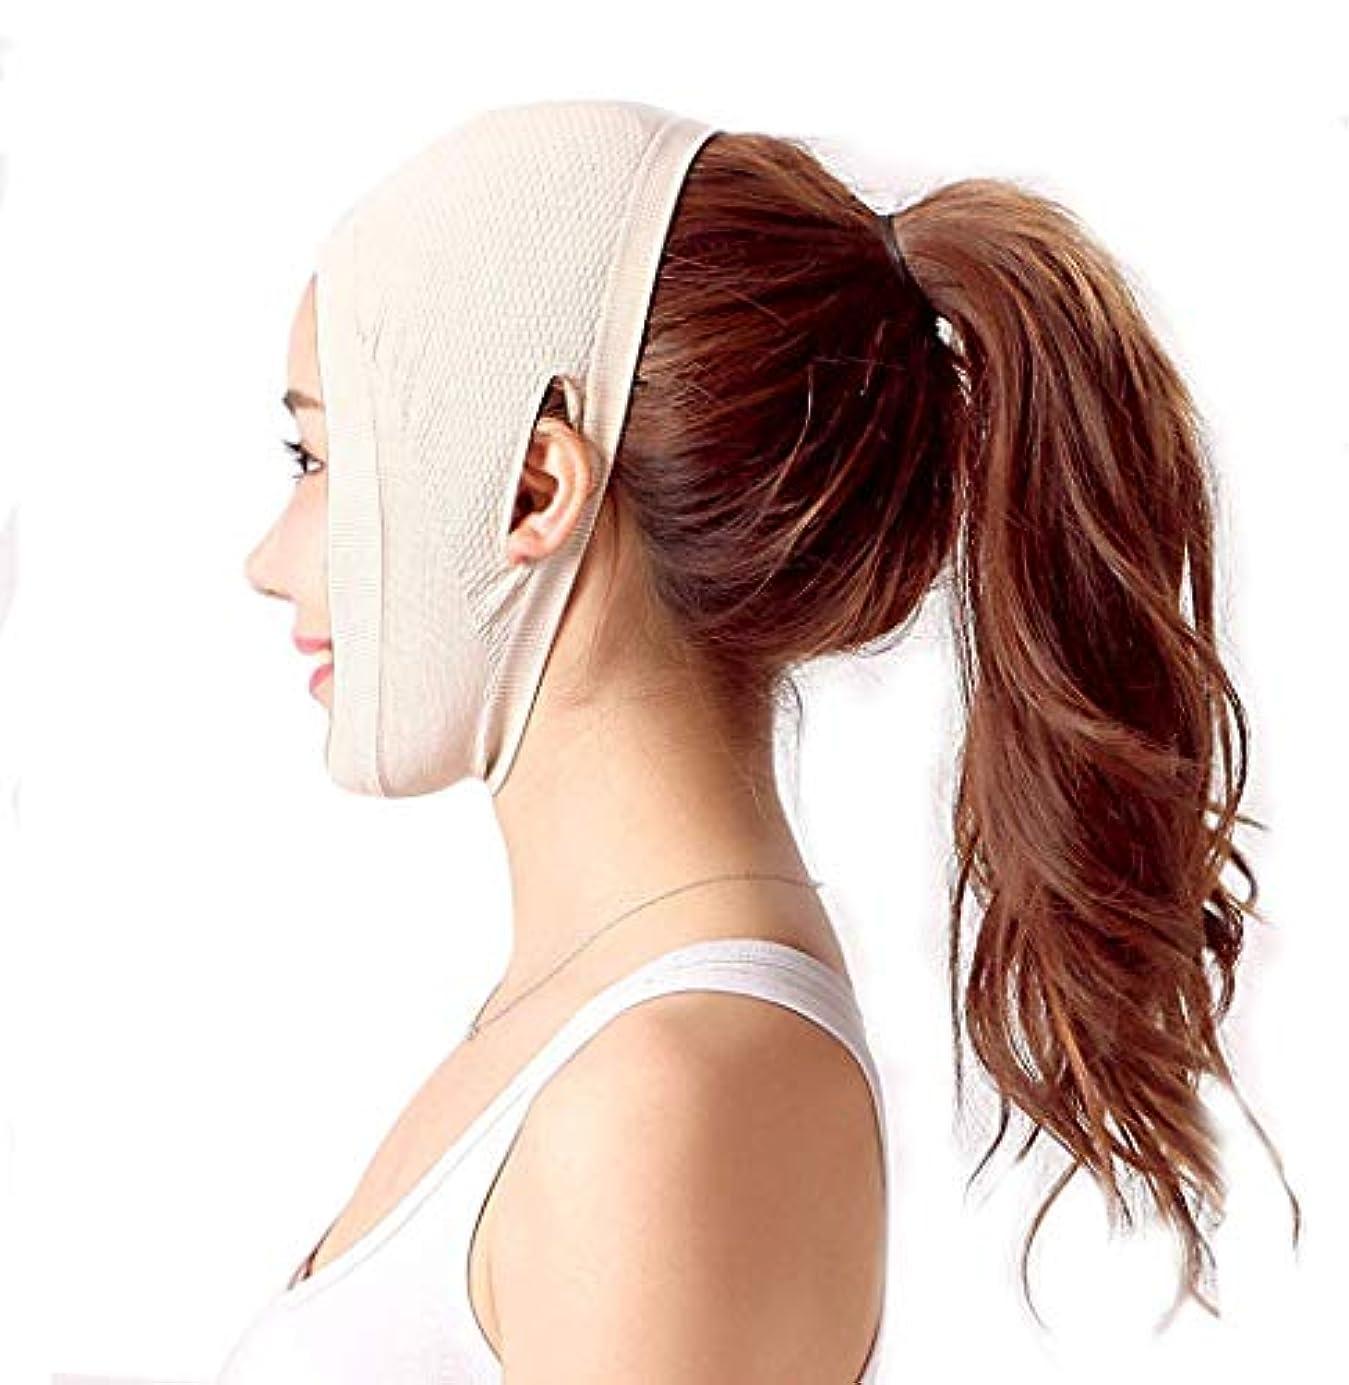 追放する些細私たちのHUYYA Vライン頬、女性の顔を持ち上げるベルト 二重あごの減量顔 しわ防止包帯,Flesh_X-Large